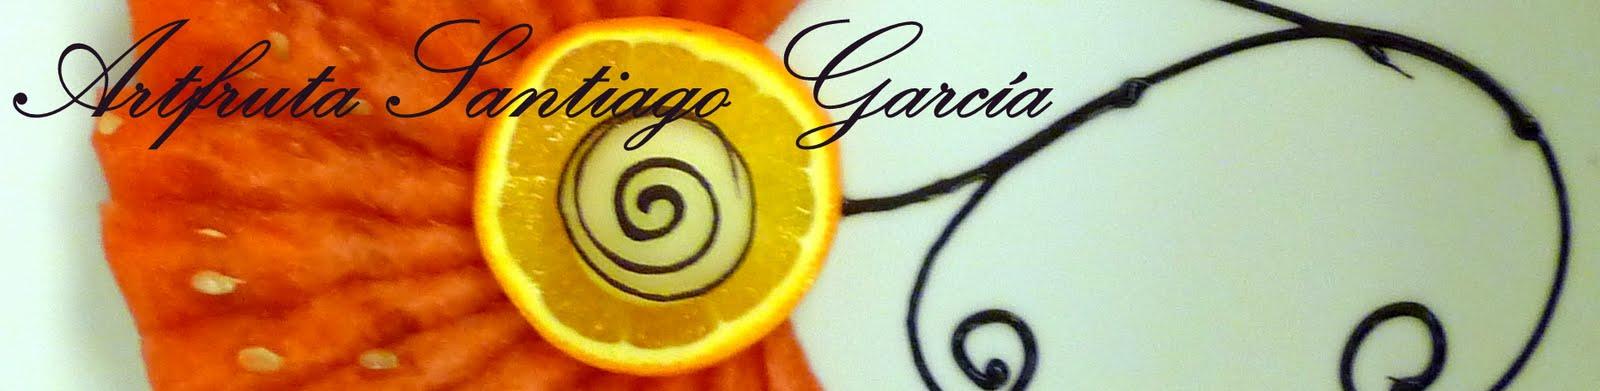 artfruta Santiago García